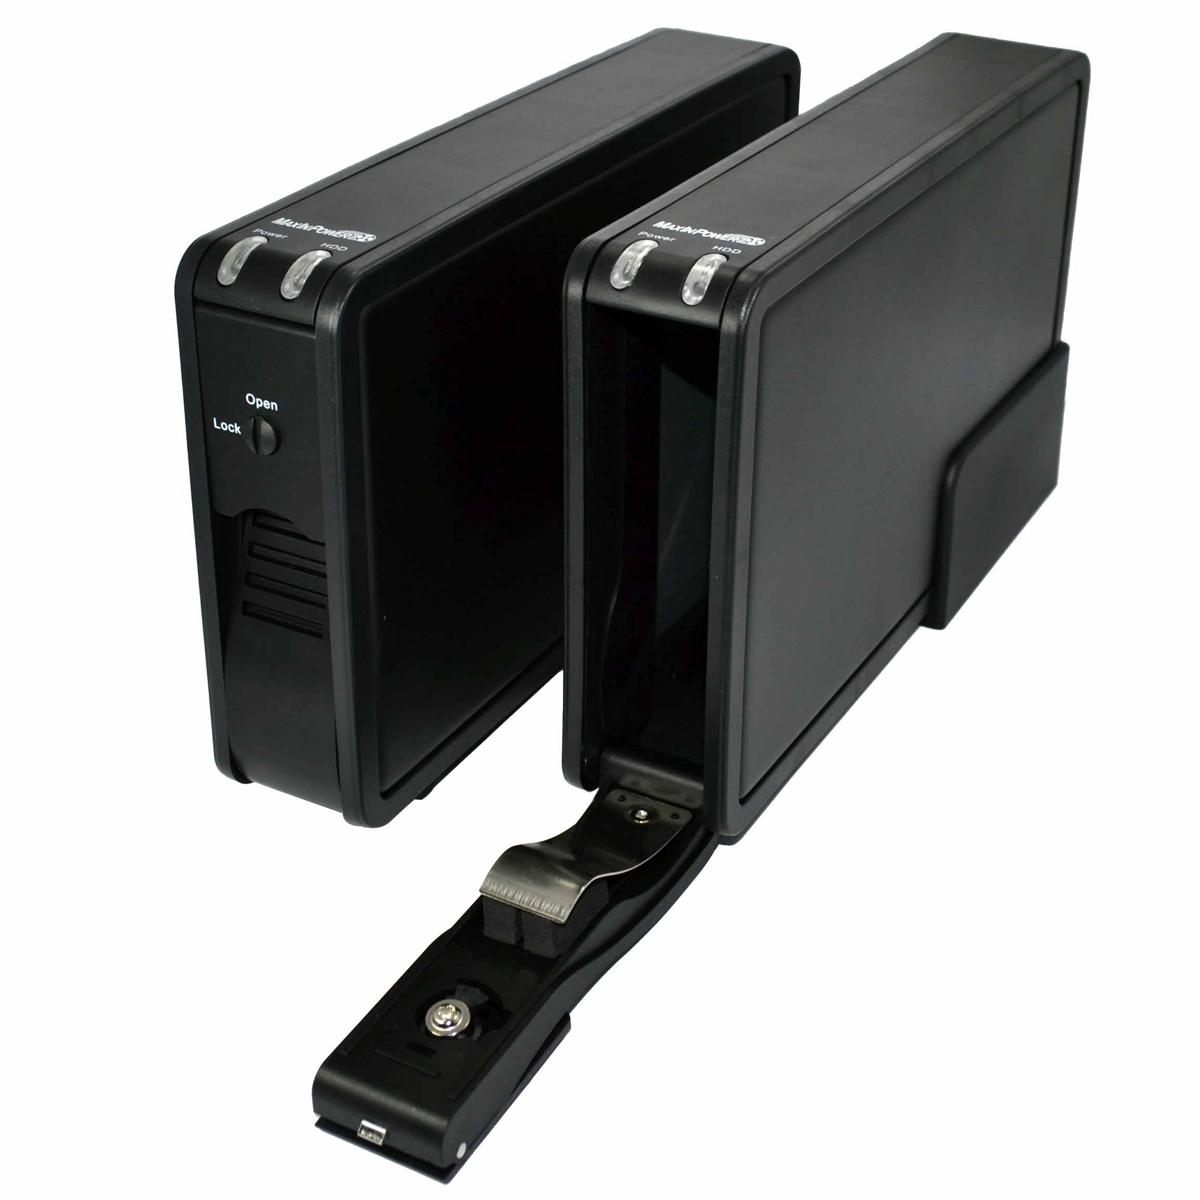 boitier disque dur externe 3.5 usb 3.0